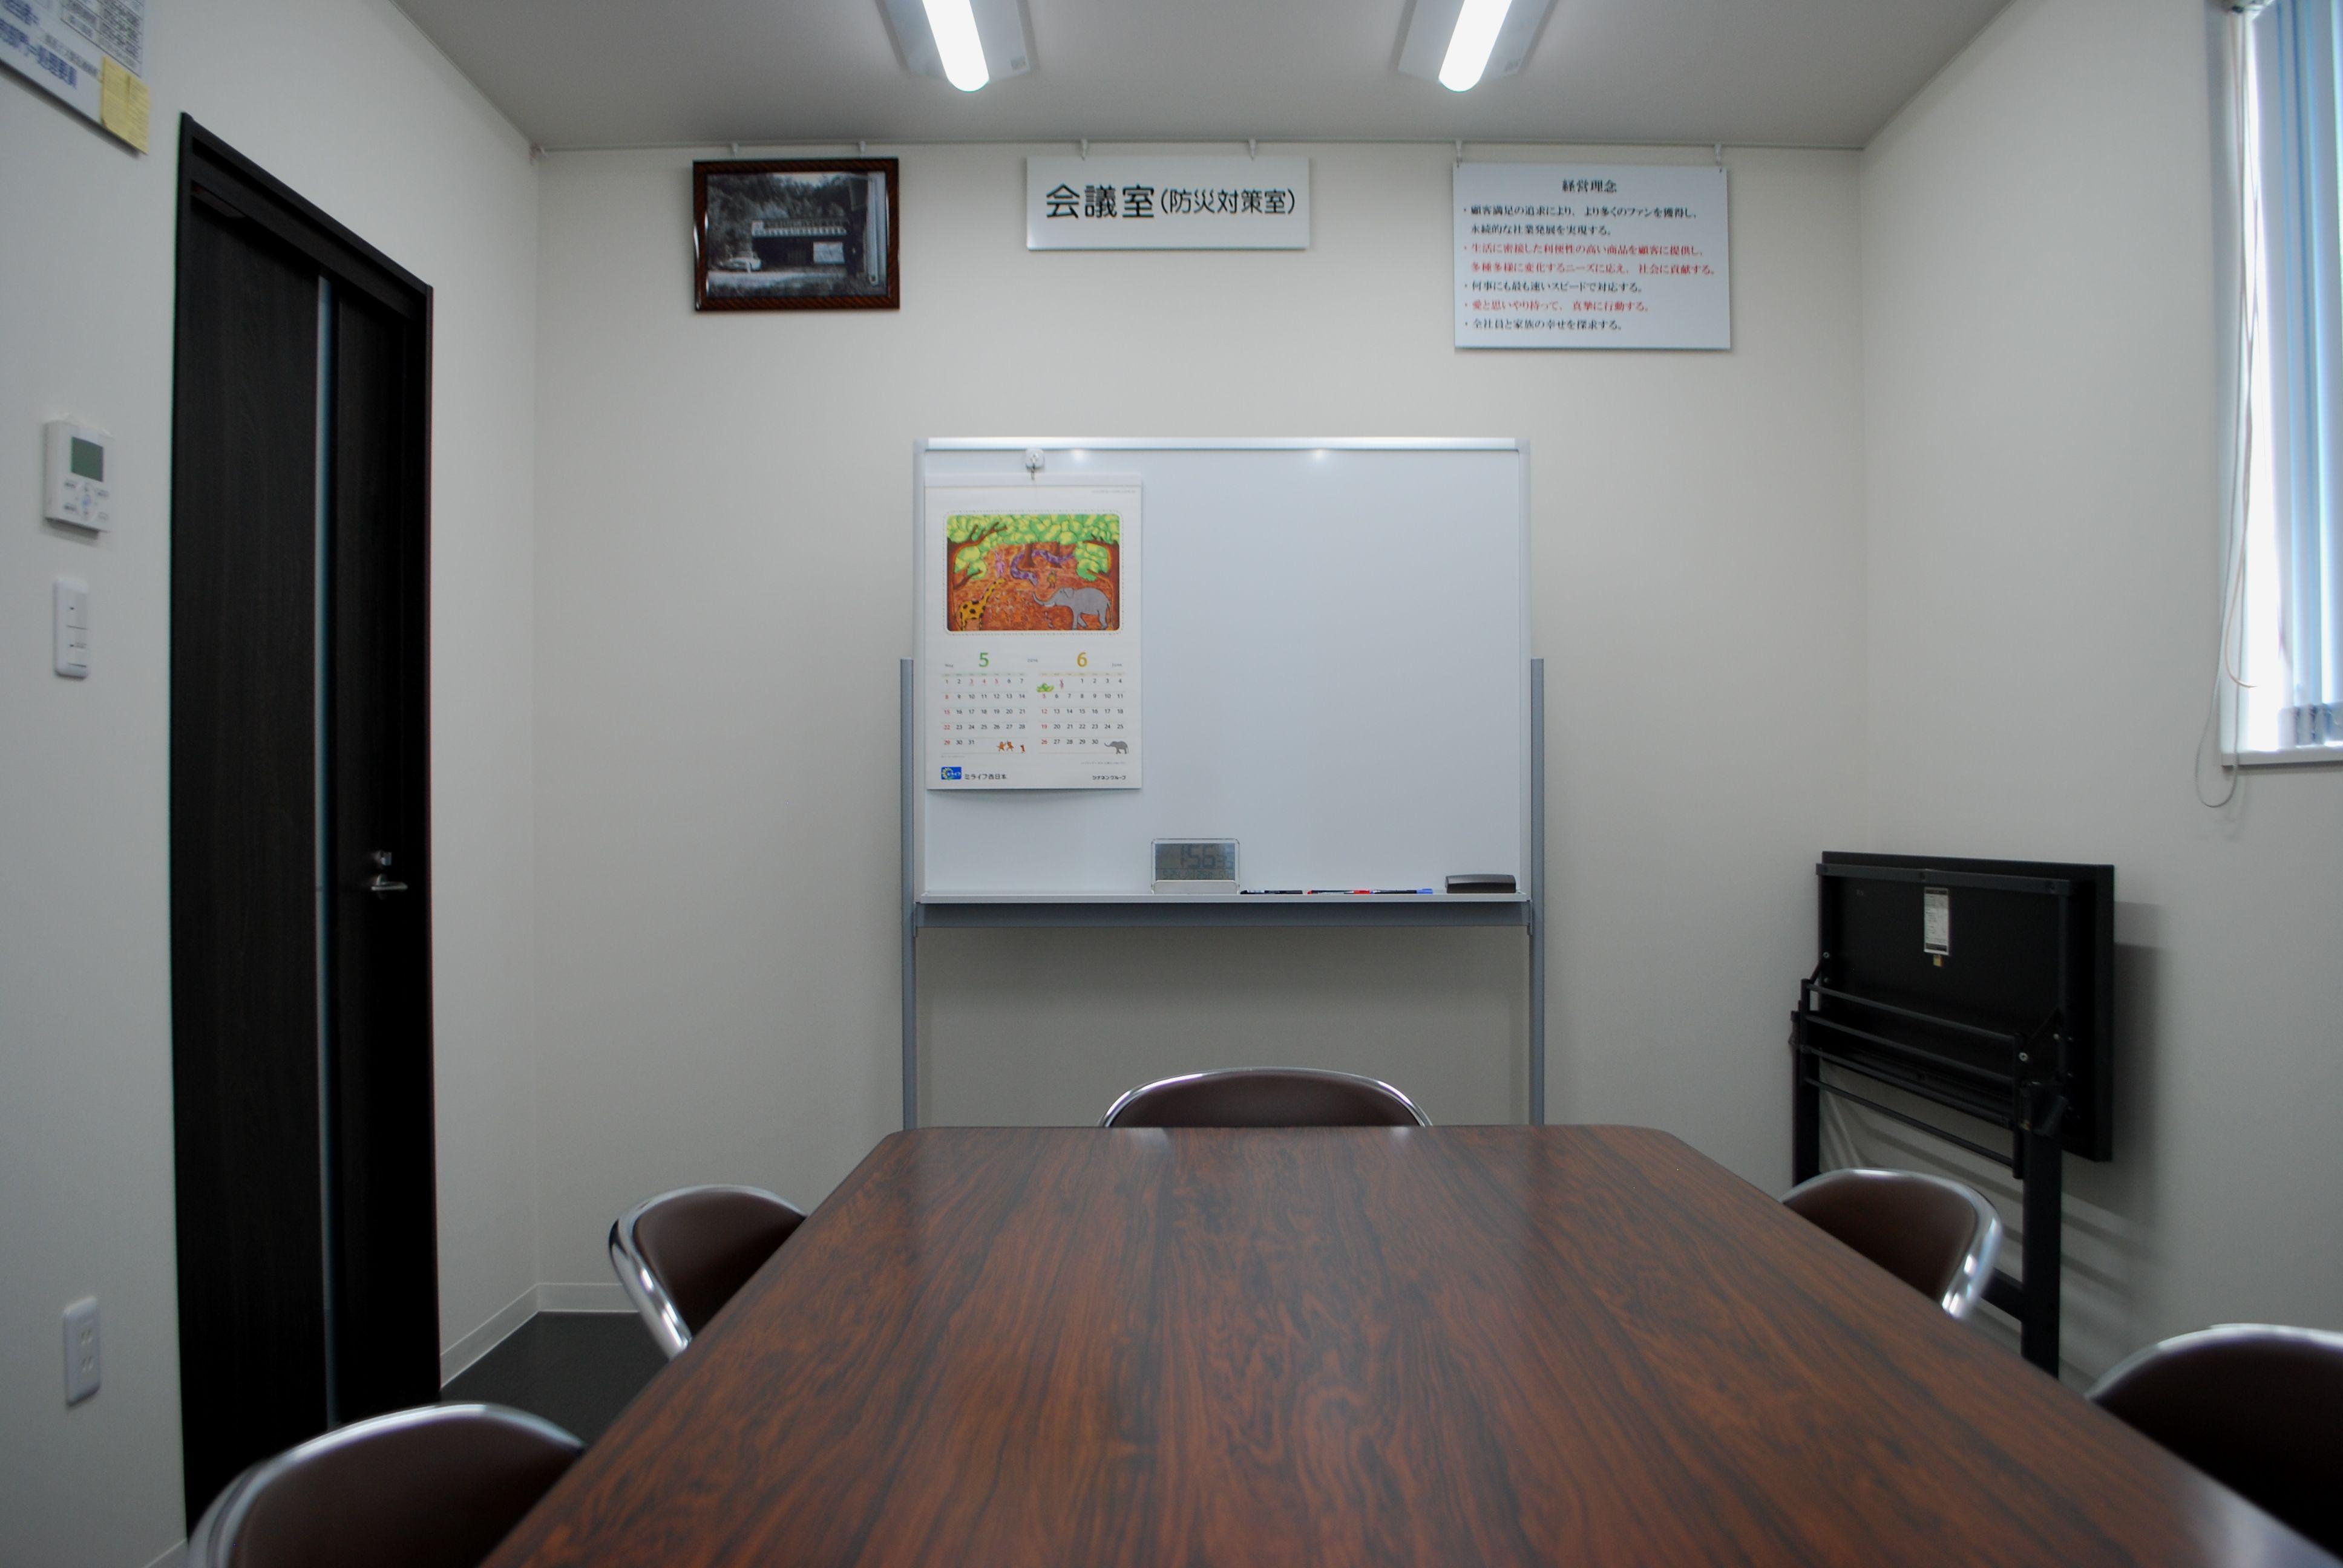 株式会社モリカワ本社